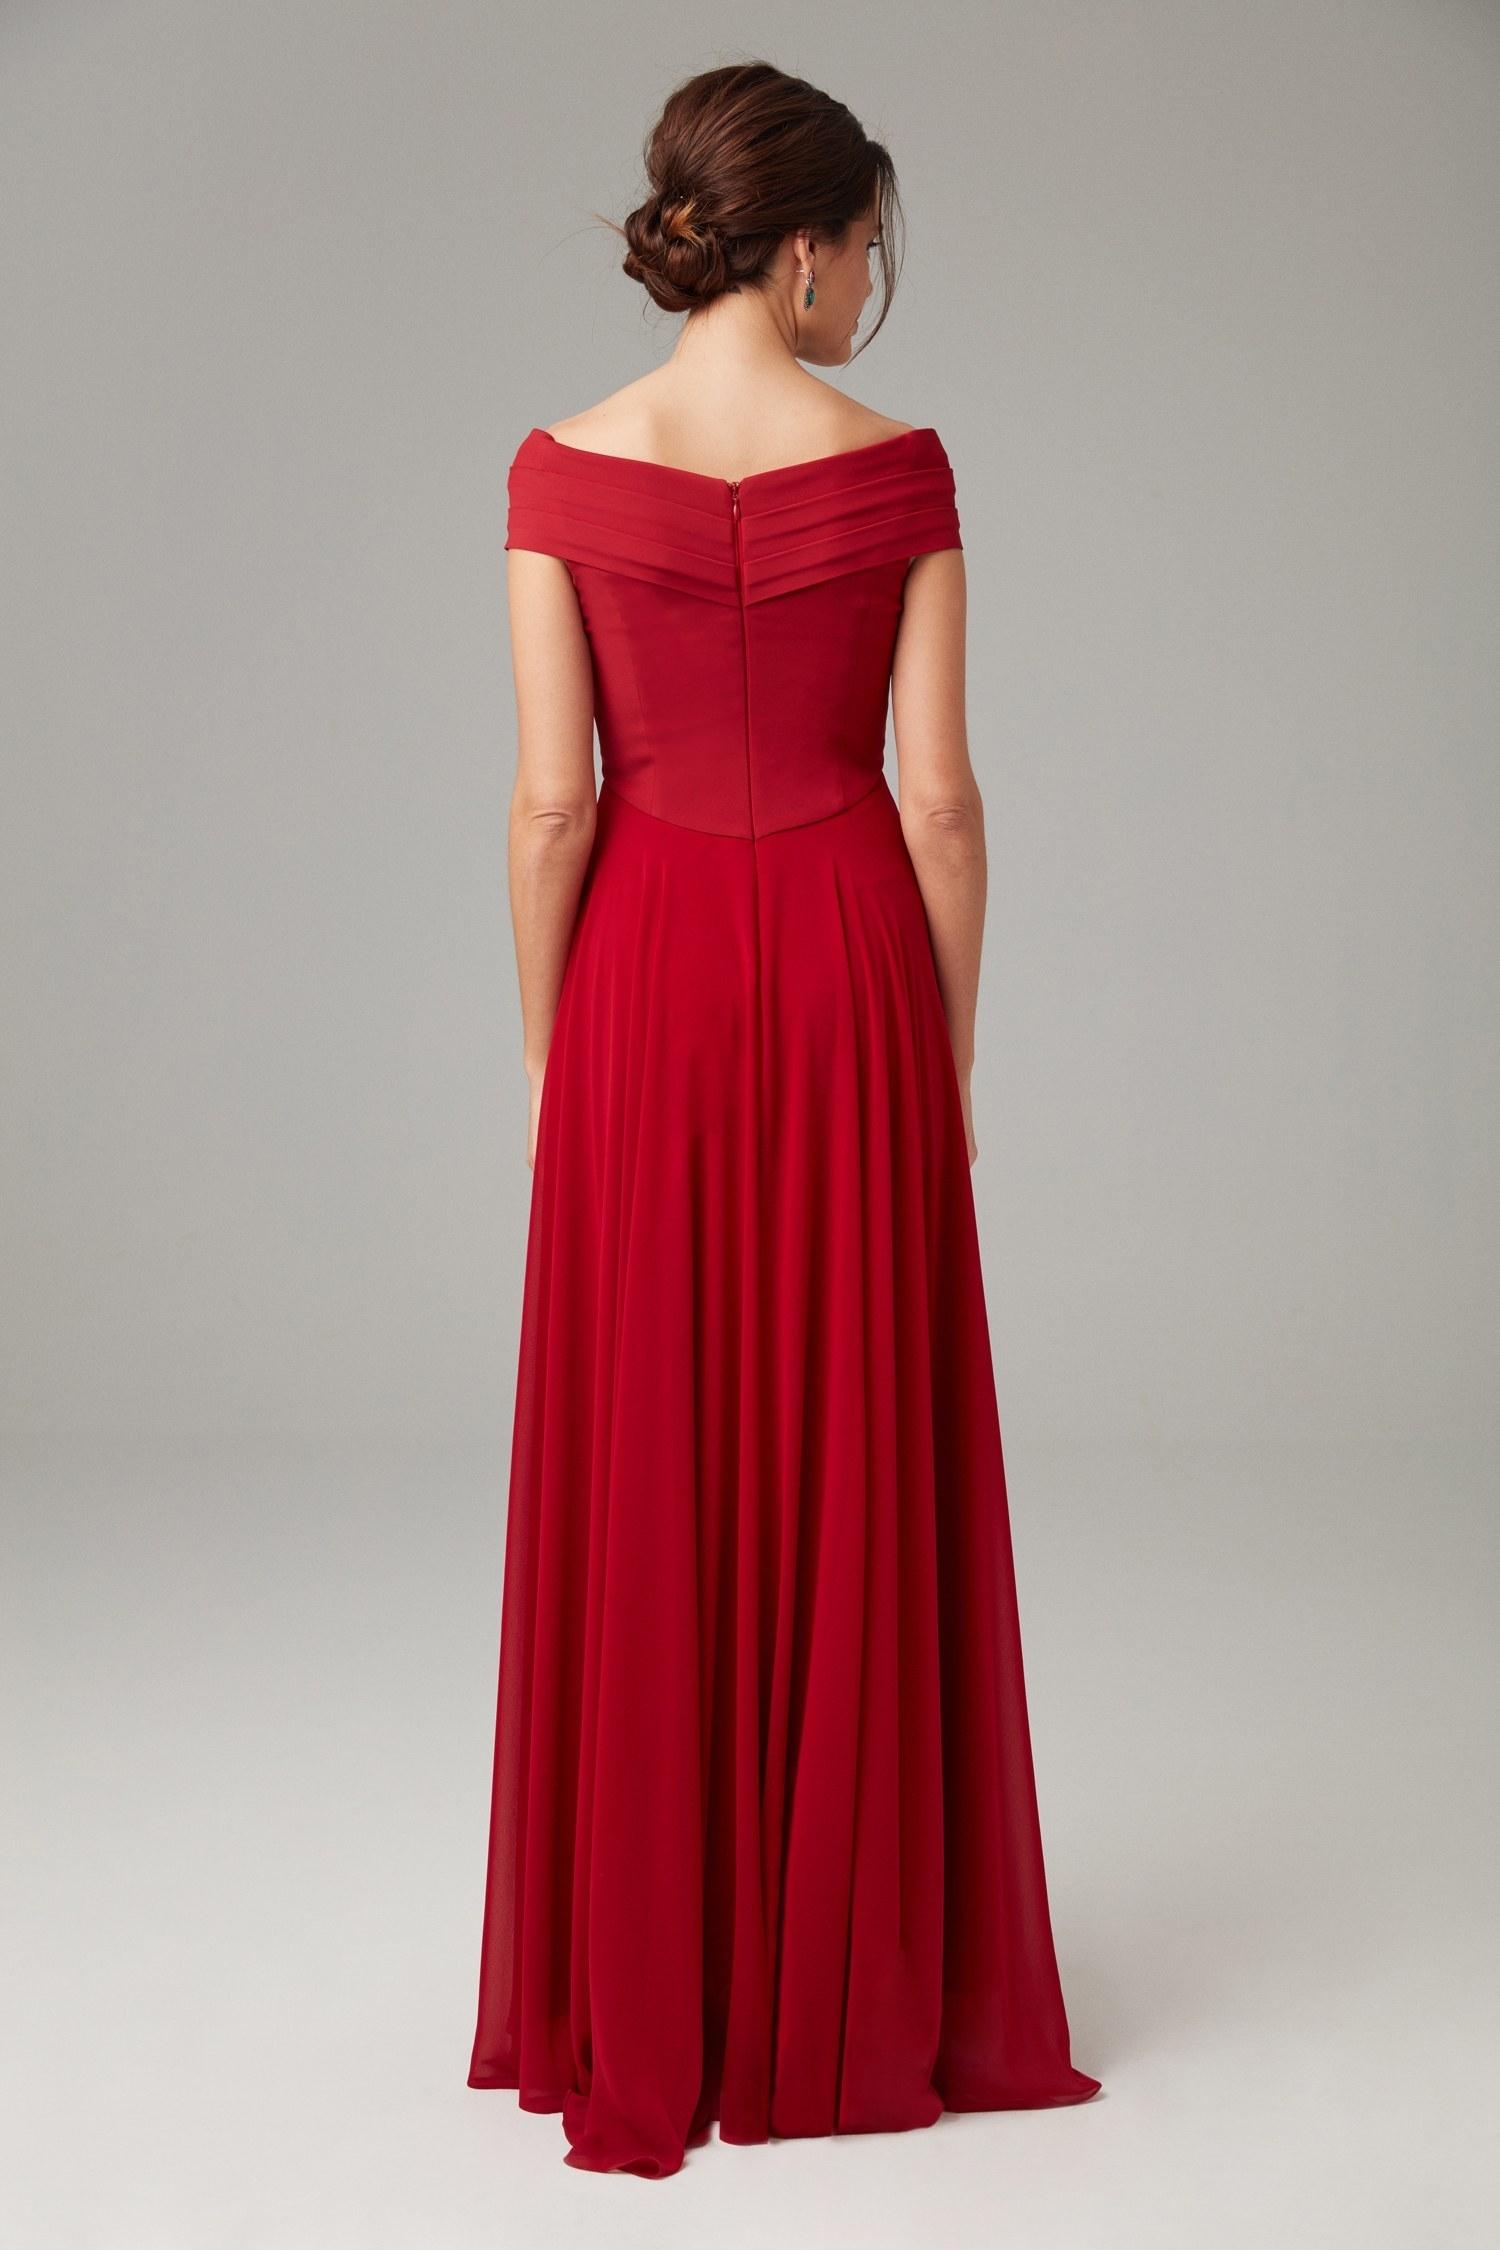 Kırmızı Kayık Yaka Şifon Drapeli Uzun Abiye Elbise - Thumbnail